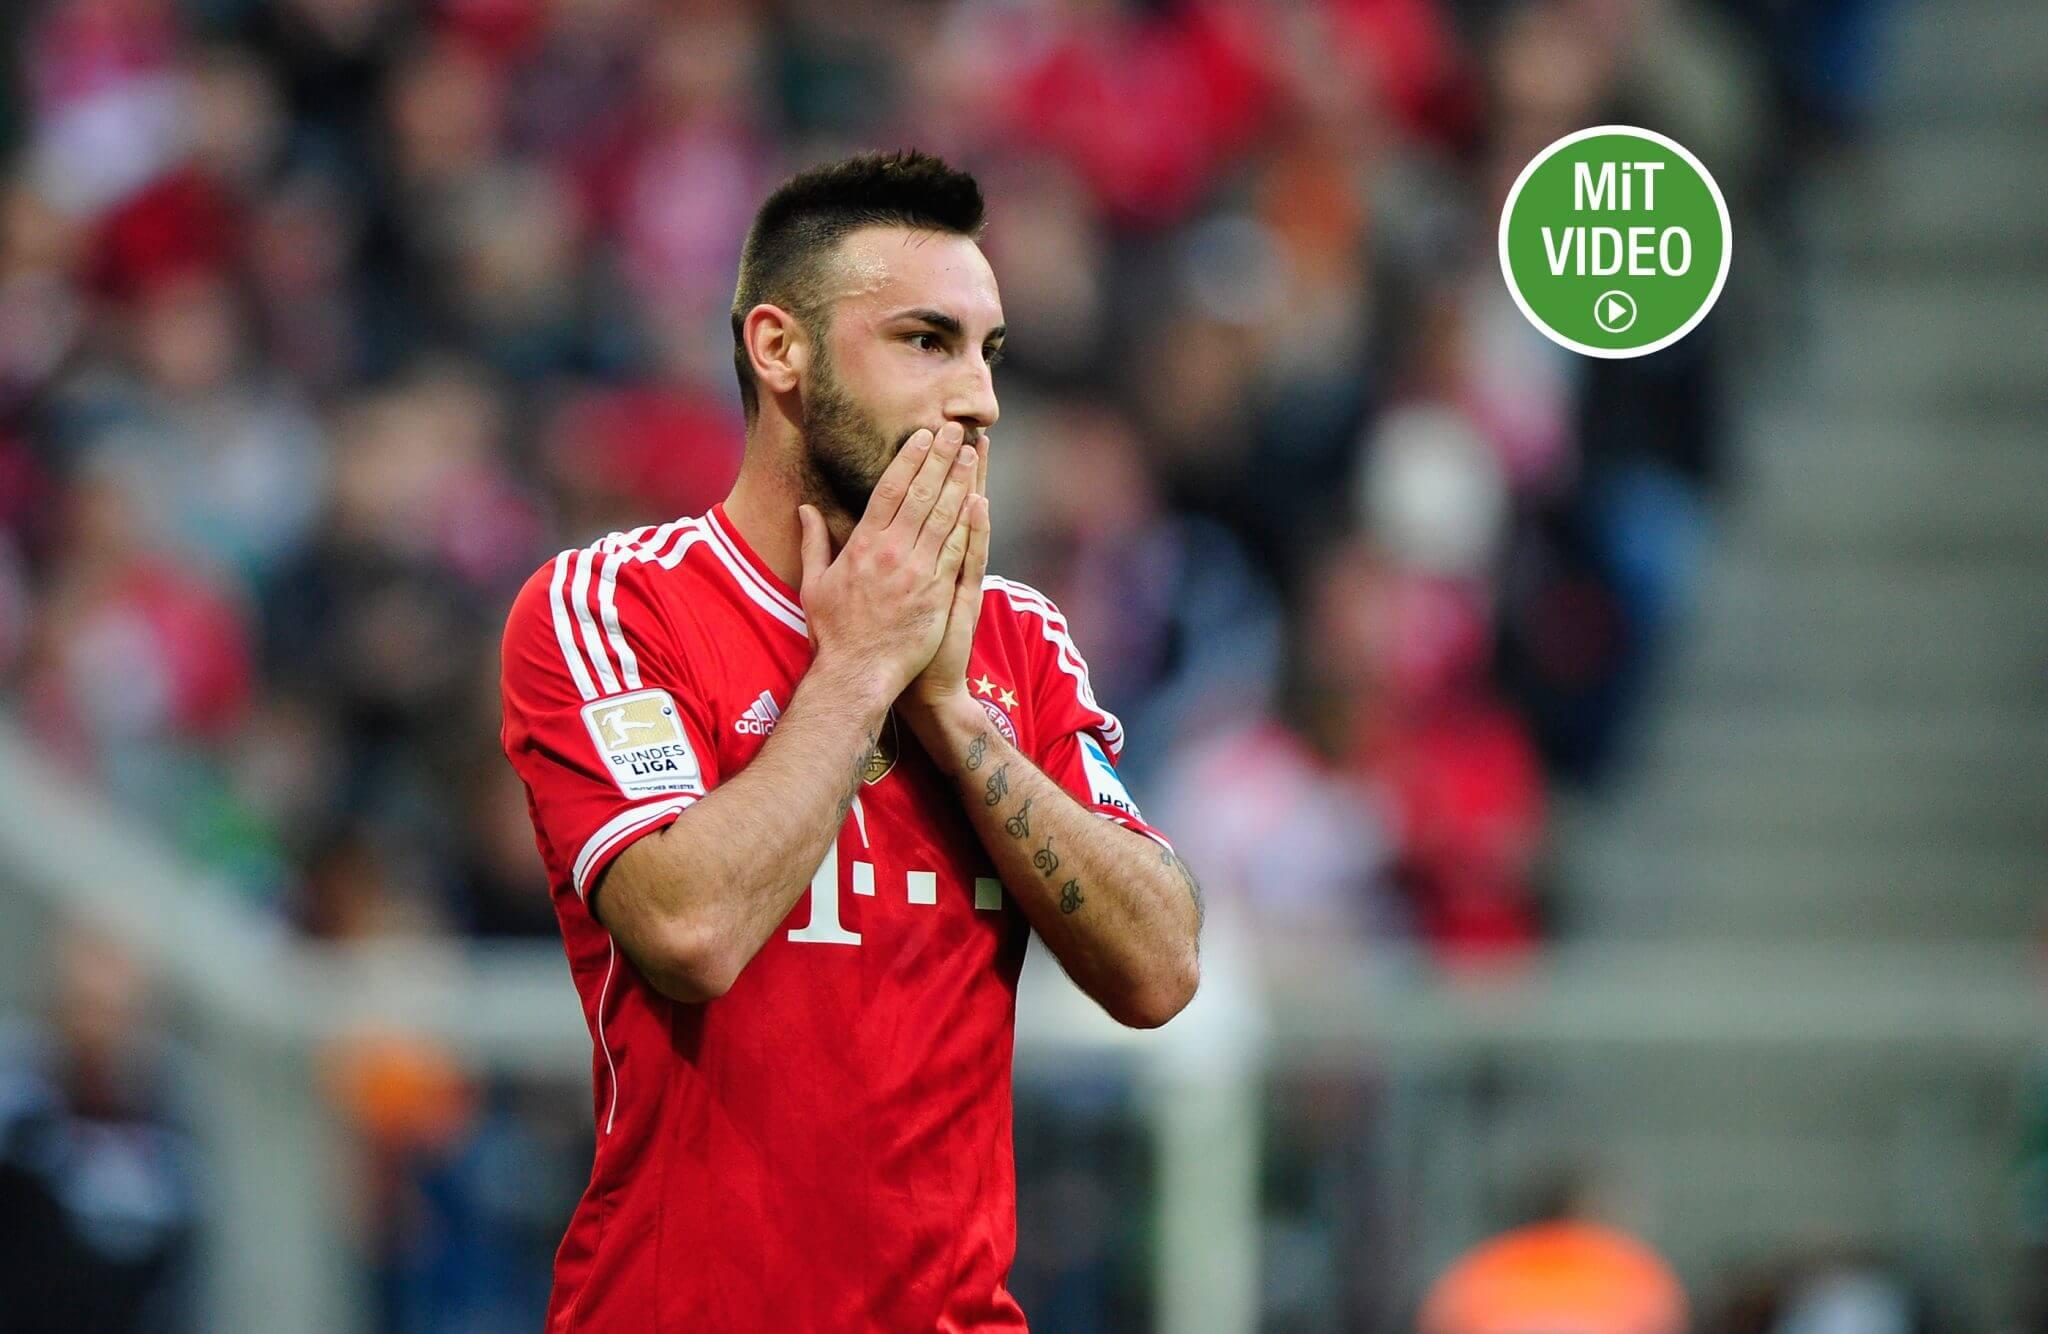 Diego Contento stammt aus der Jugend des FC Bayern. Foto: Getty Images